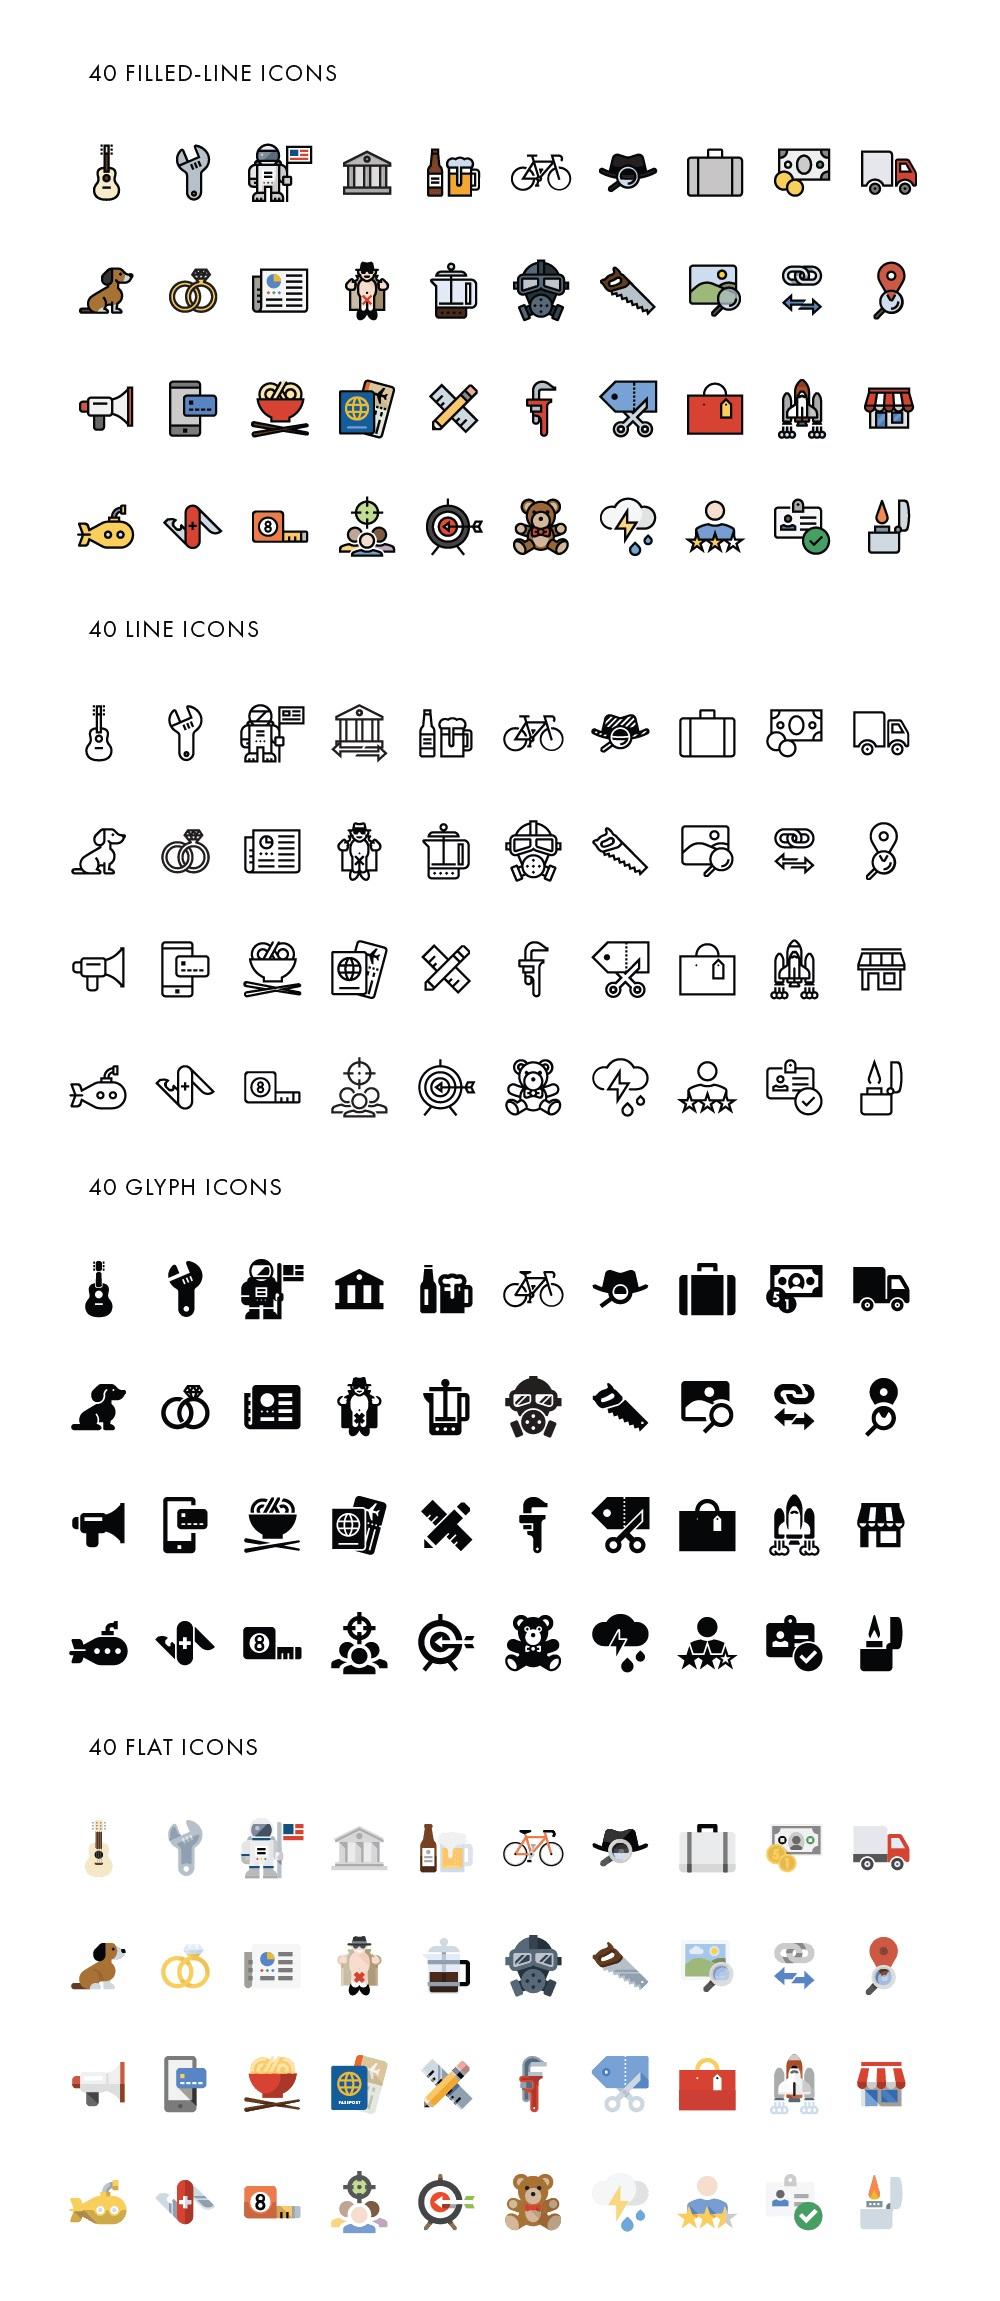 iconos para descargar gratis